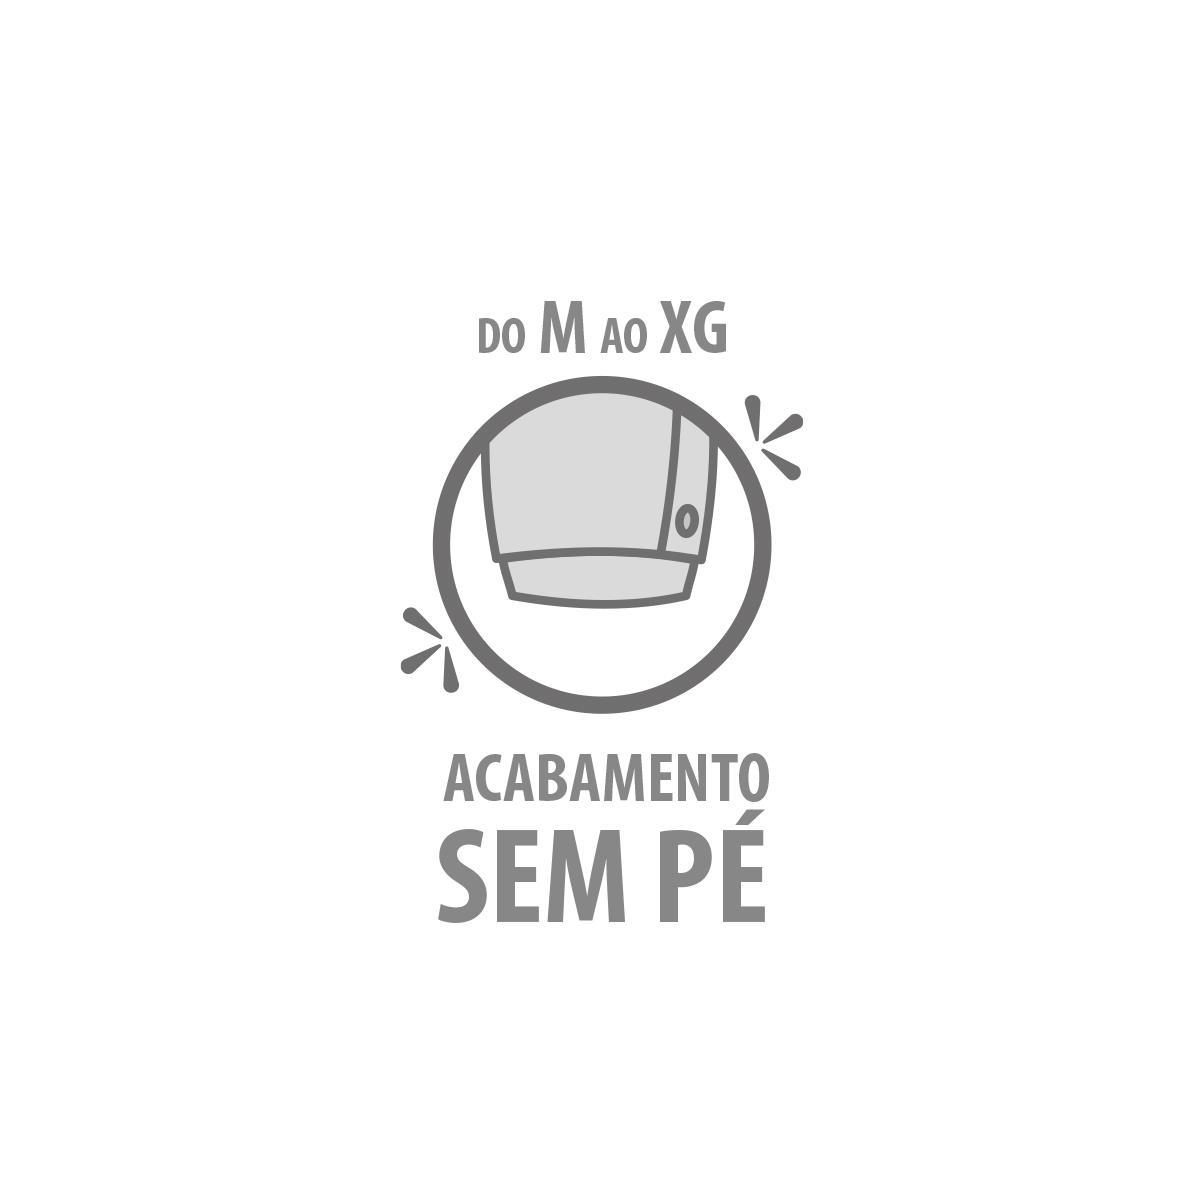 Macacão Plush Zíper Pink - Tamanhos RN e P com pezinho; M, G e XG sem pezinho  - Piu Blu